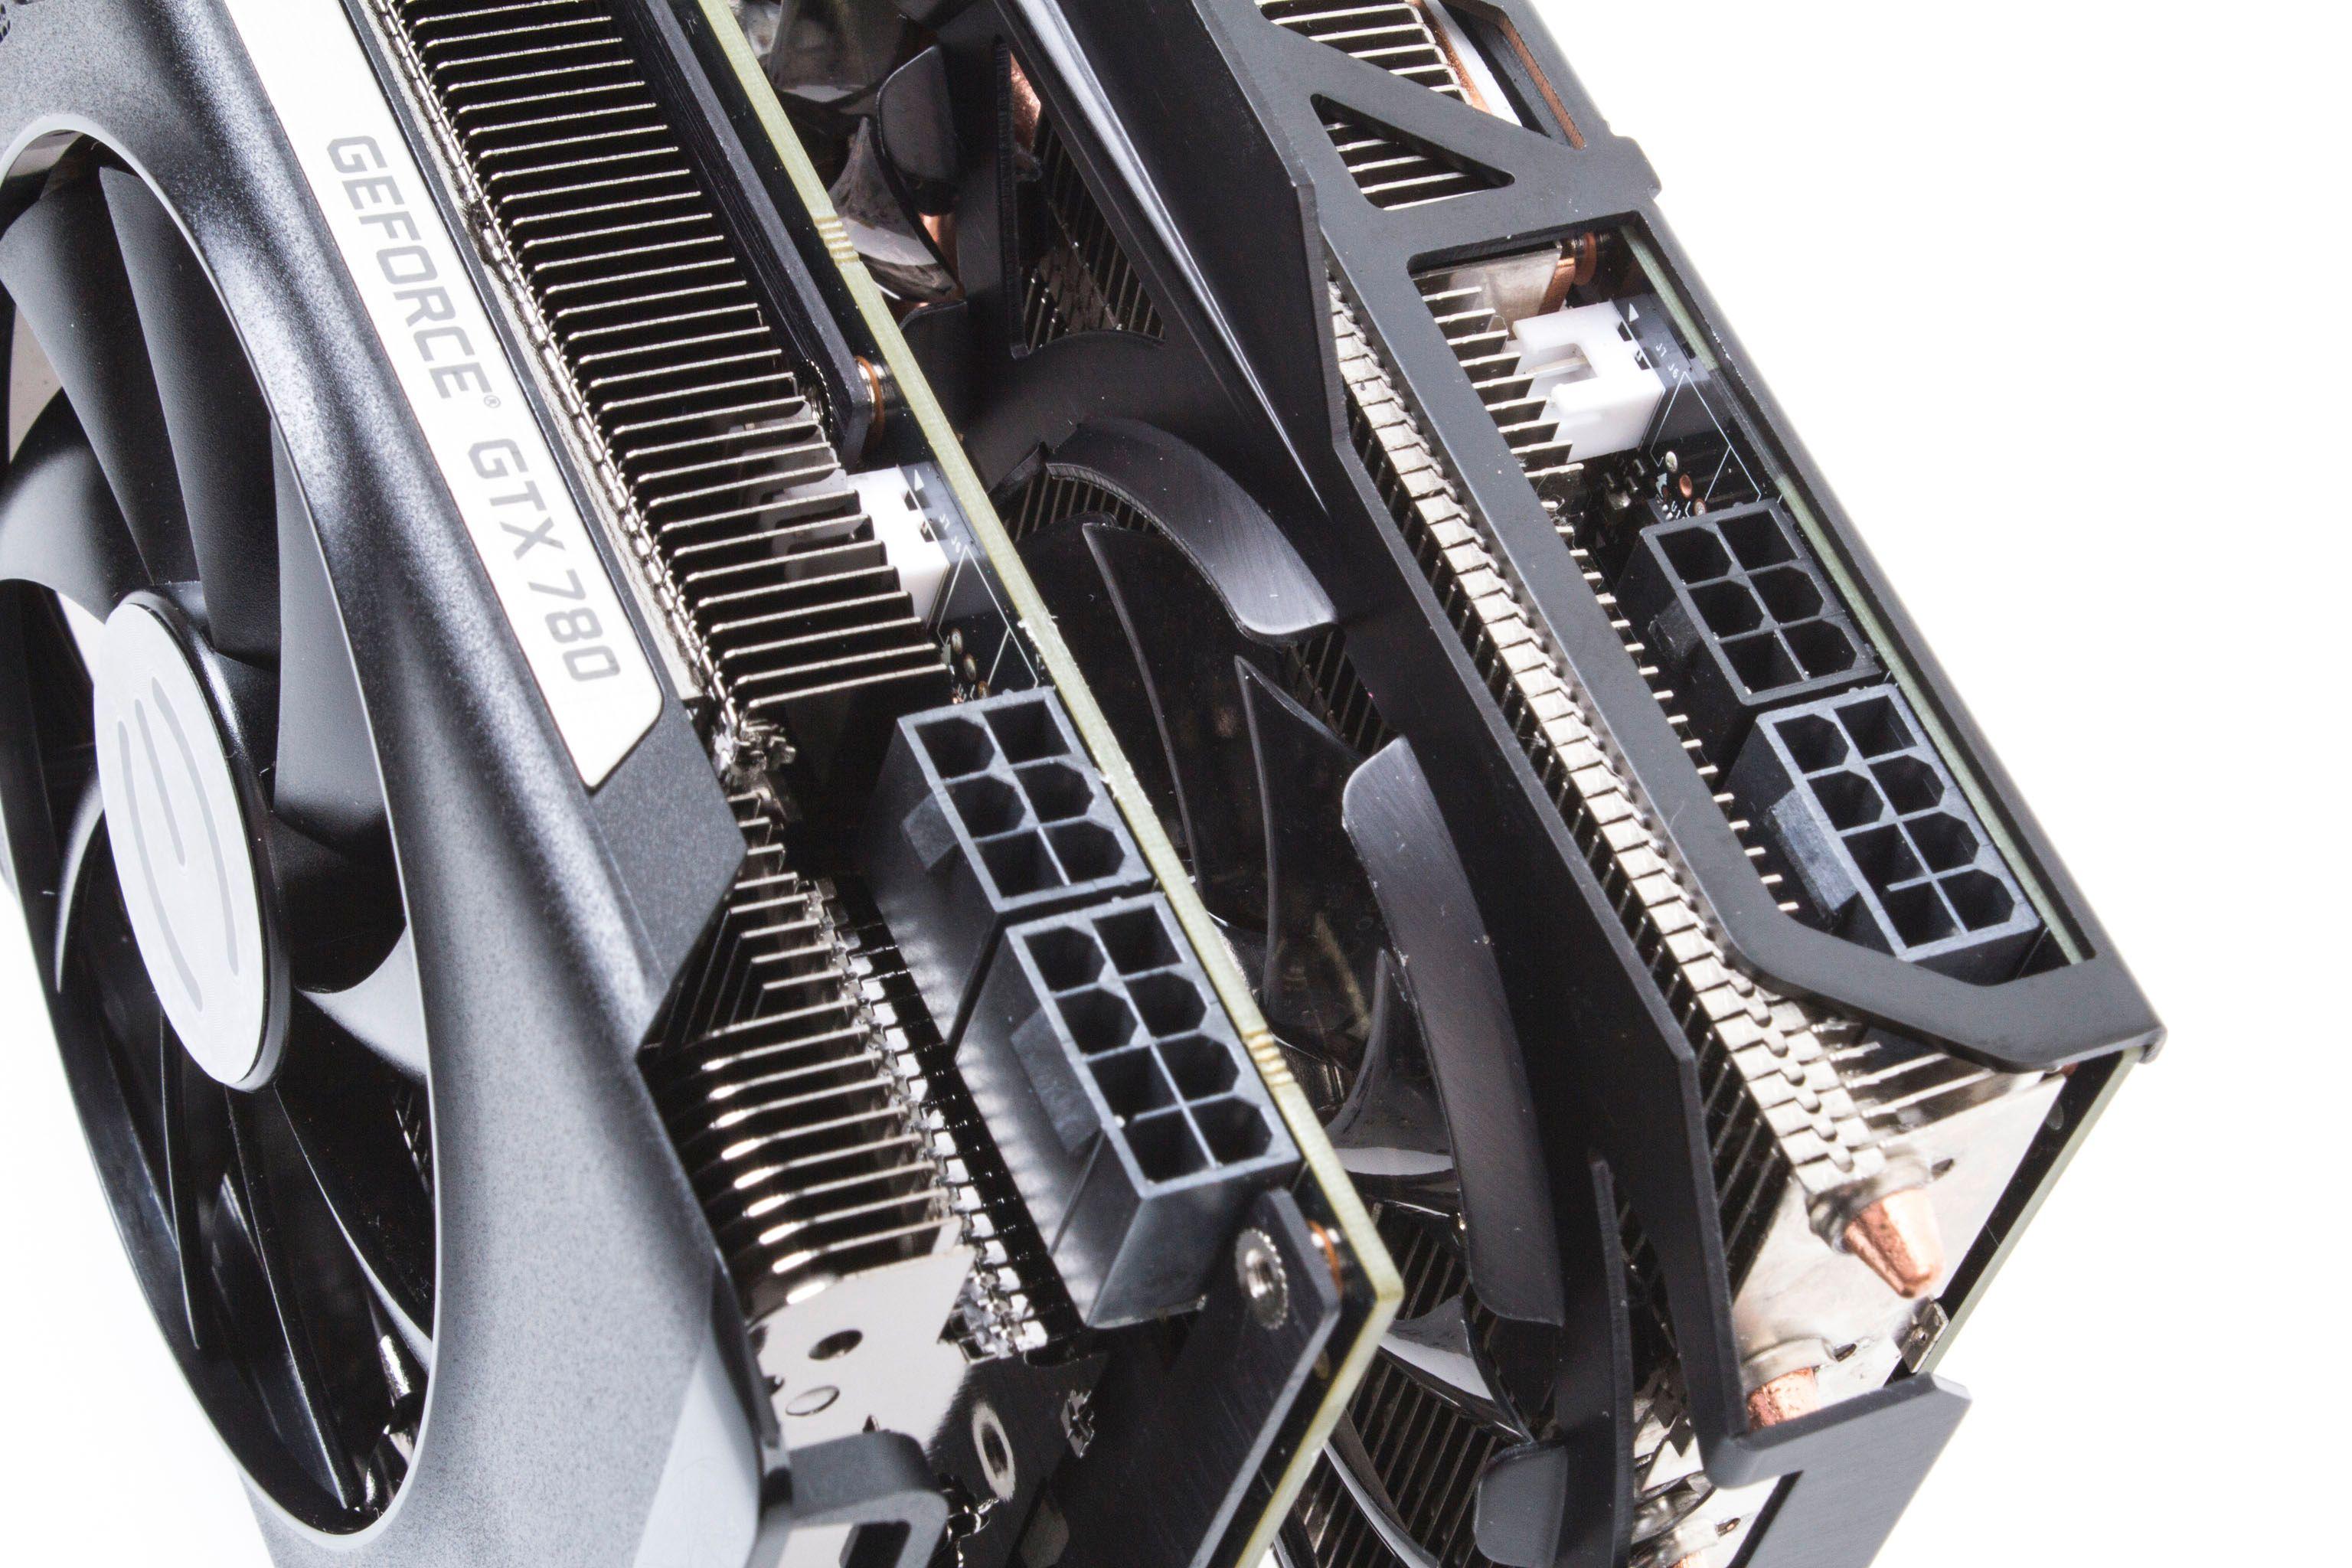 Begge kortene krever PCIe-strøm gjennom både 6- og 8-pins plugger.Foto: Varg Aamo, Hardware.no